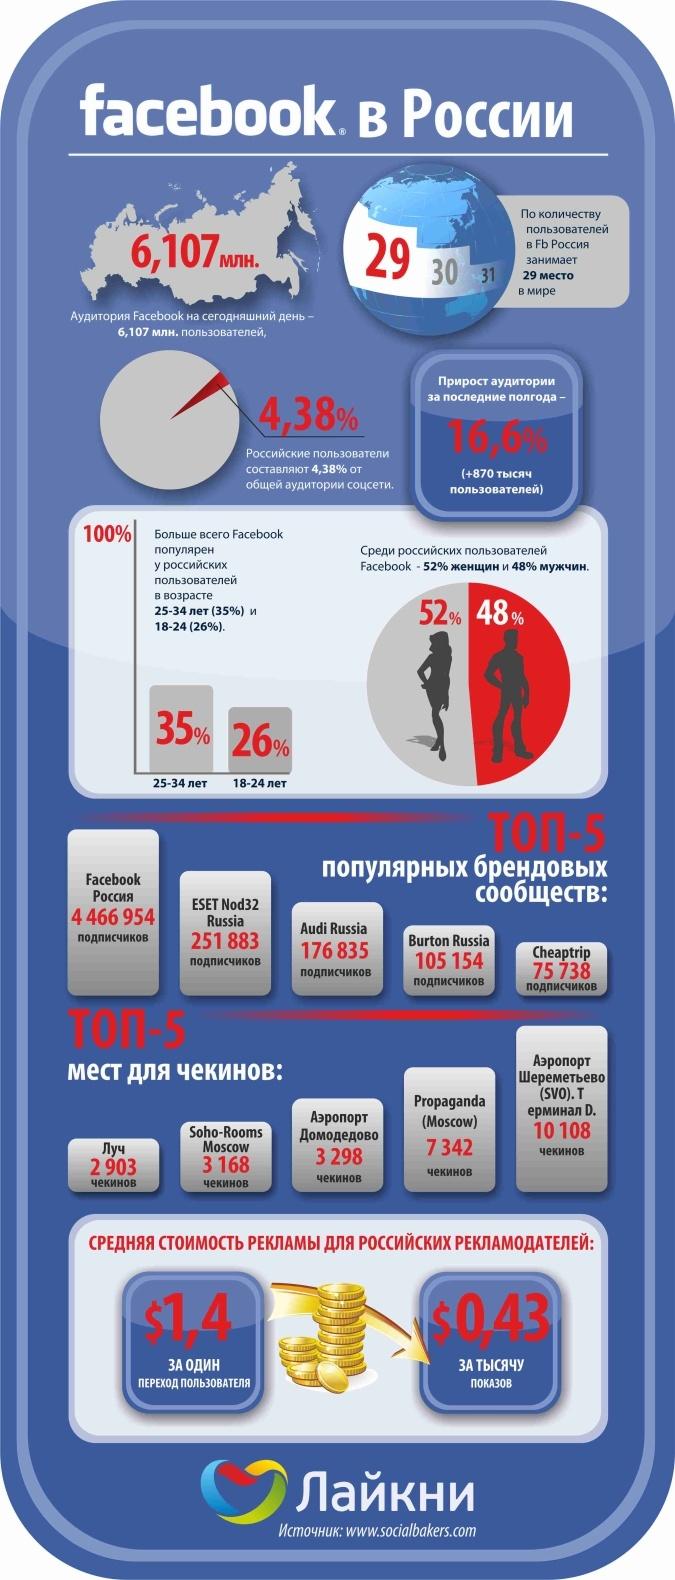 данные о российской аудитории Facebook